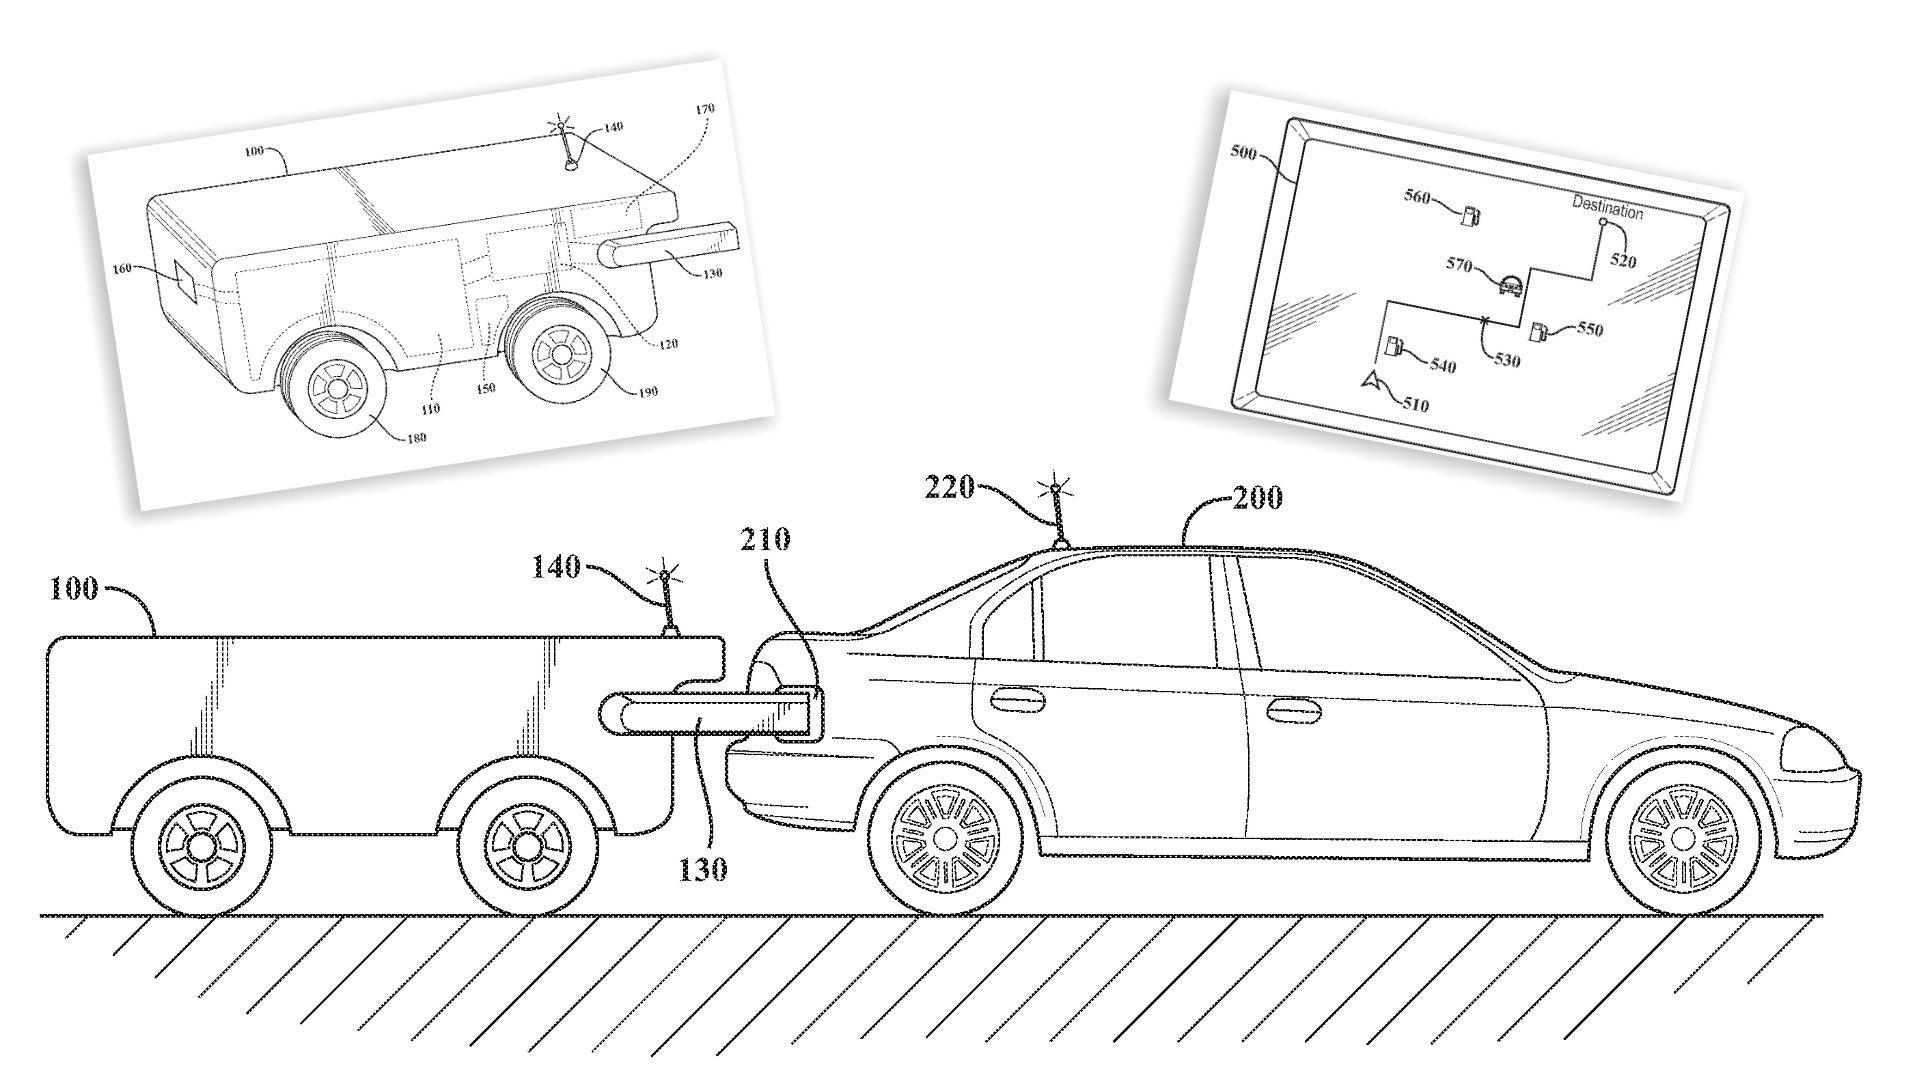 Dobíjení za jízdy se možná stane realitou díky Toyotě